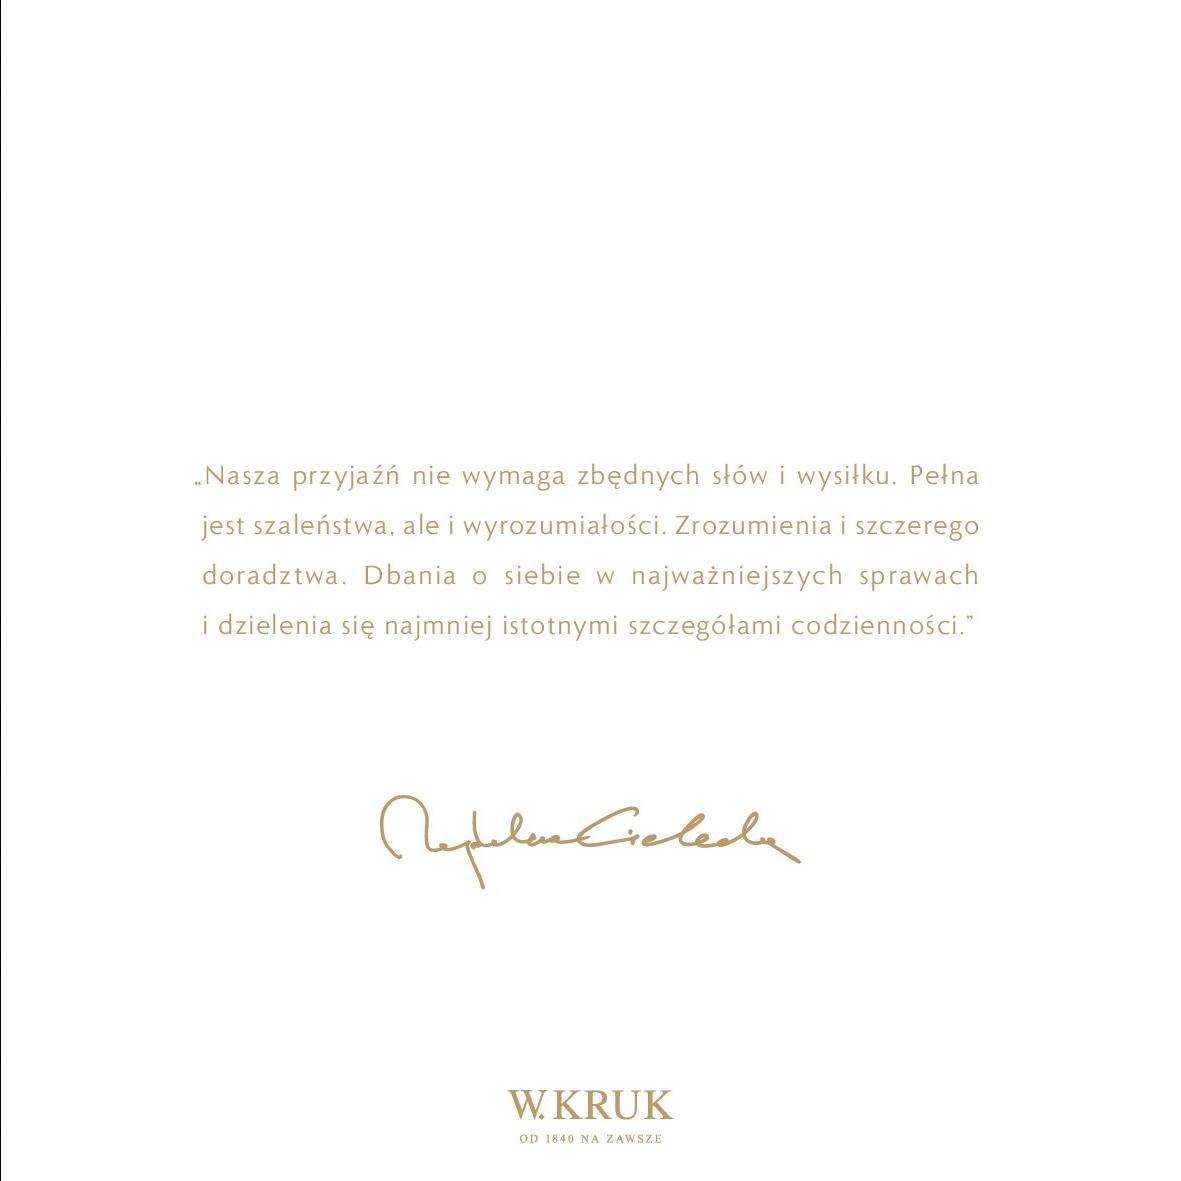 Gazetka W. KRUK: Katalog - Kolekcja Przyjaźń 2021-02-17 page-19